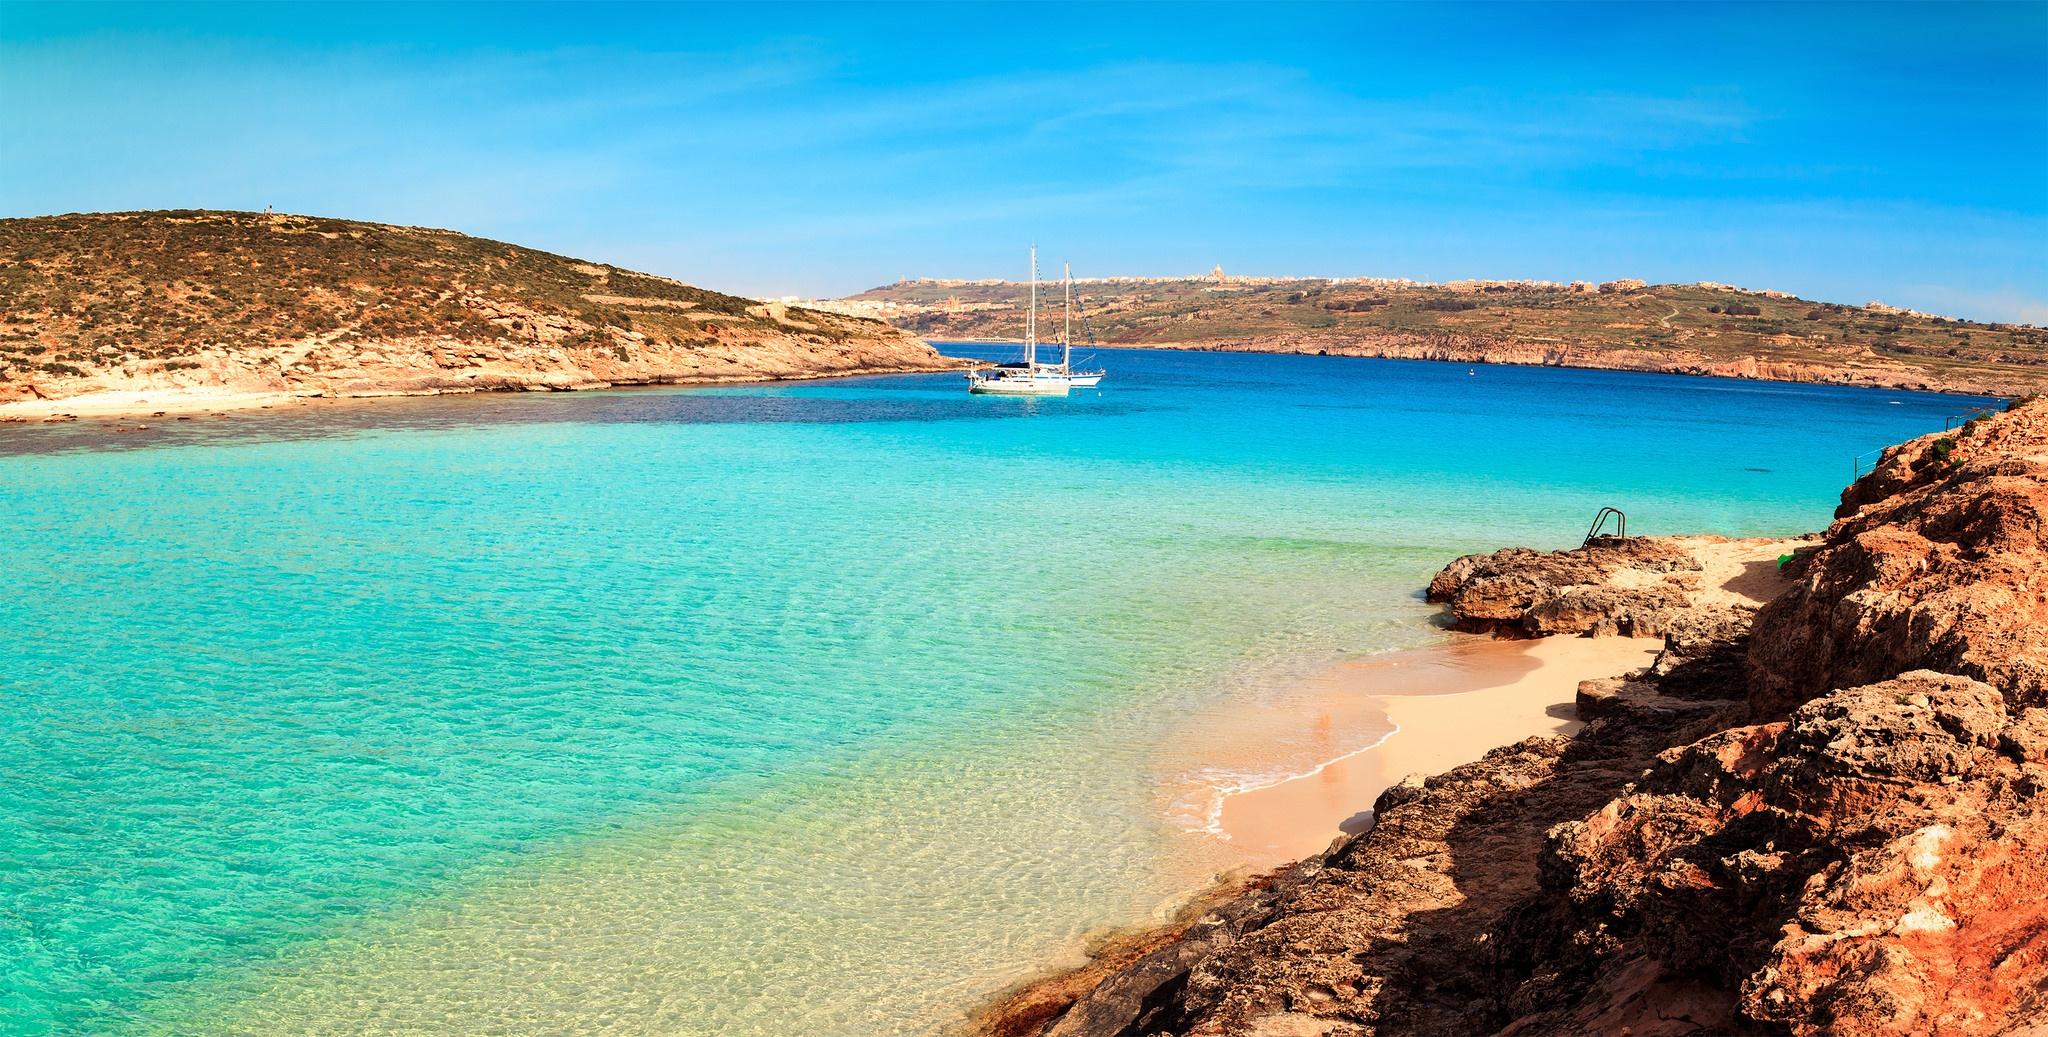 Jugendsprachkurs Malta: Englisch, Sonne, Strand & Shopping